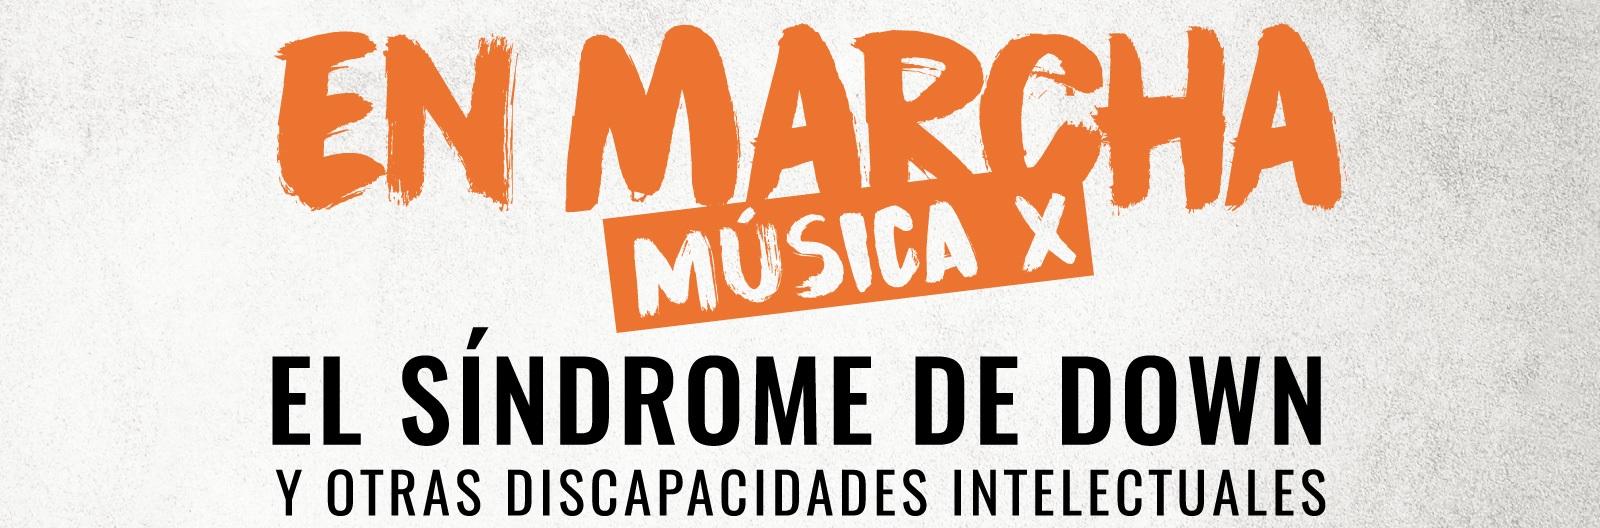 En Marcha Musica X 2019